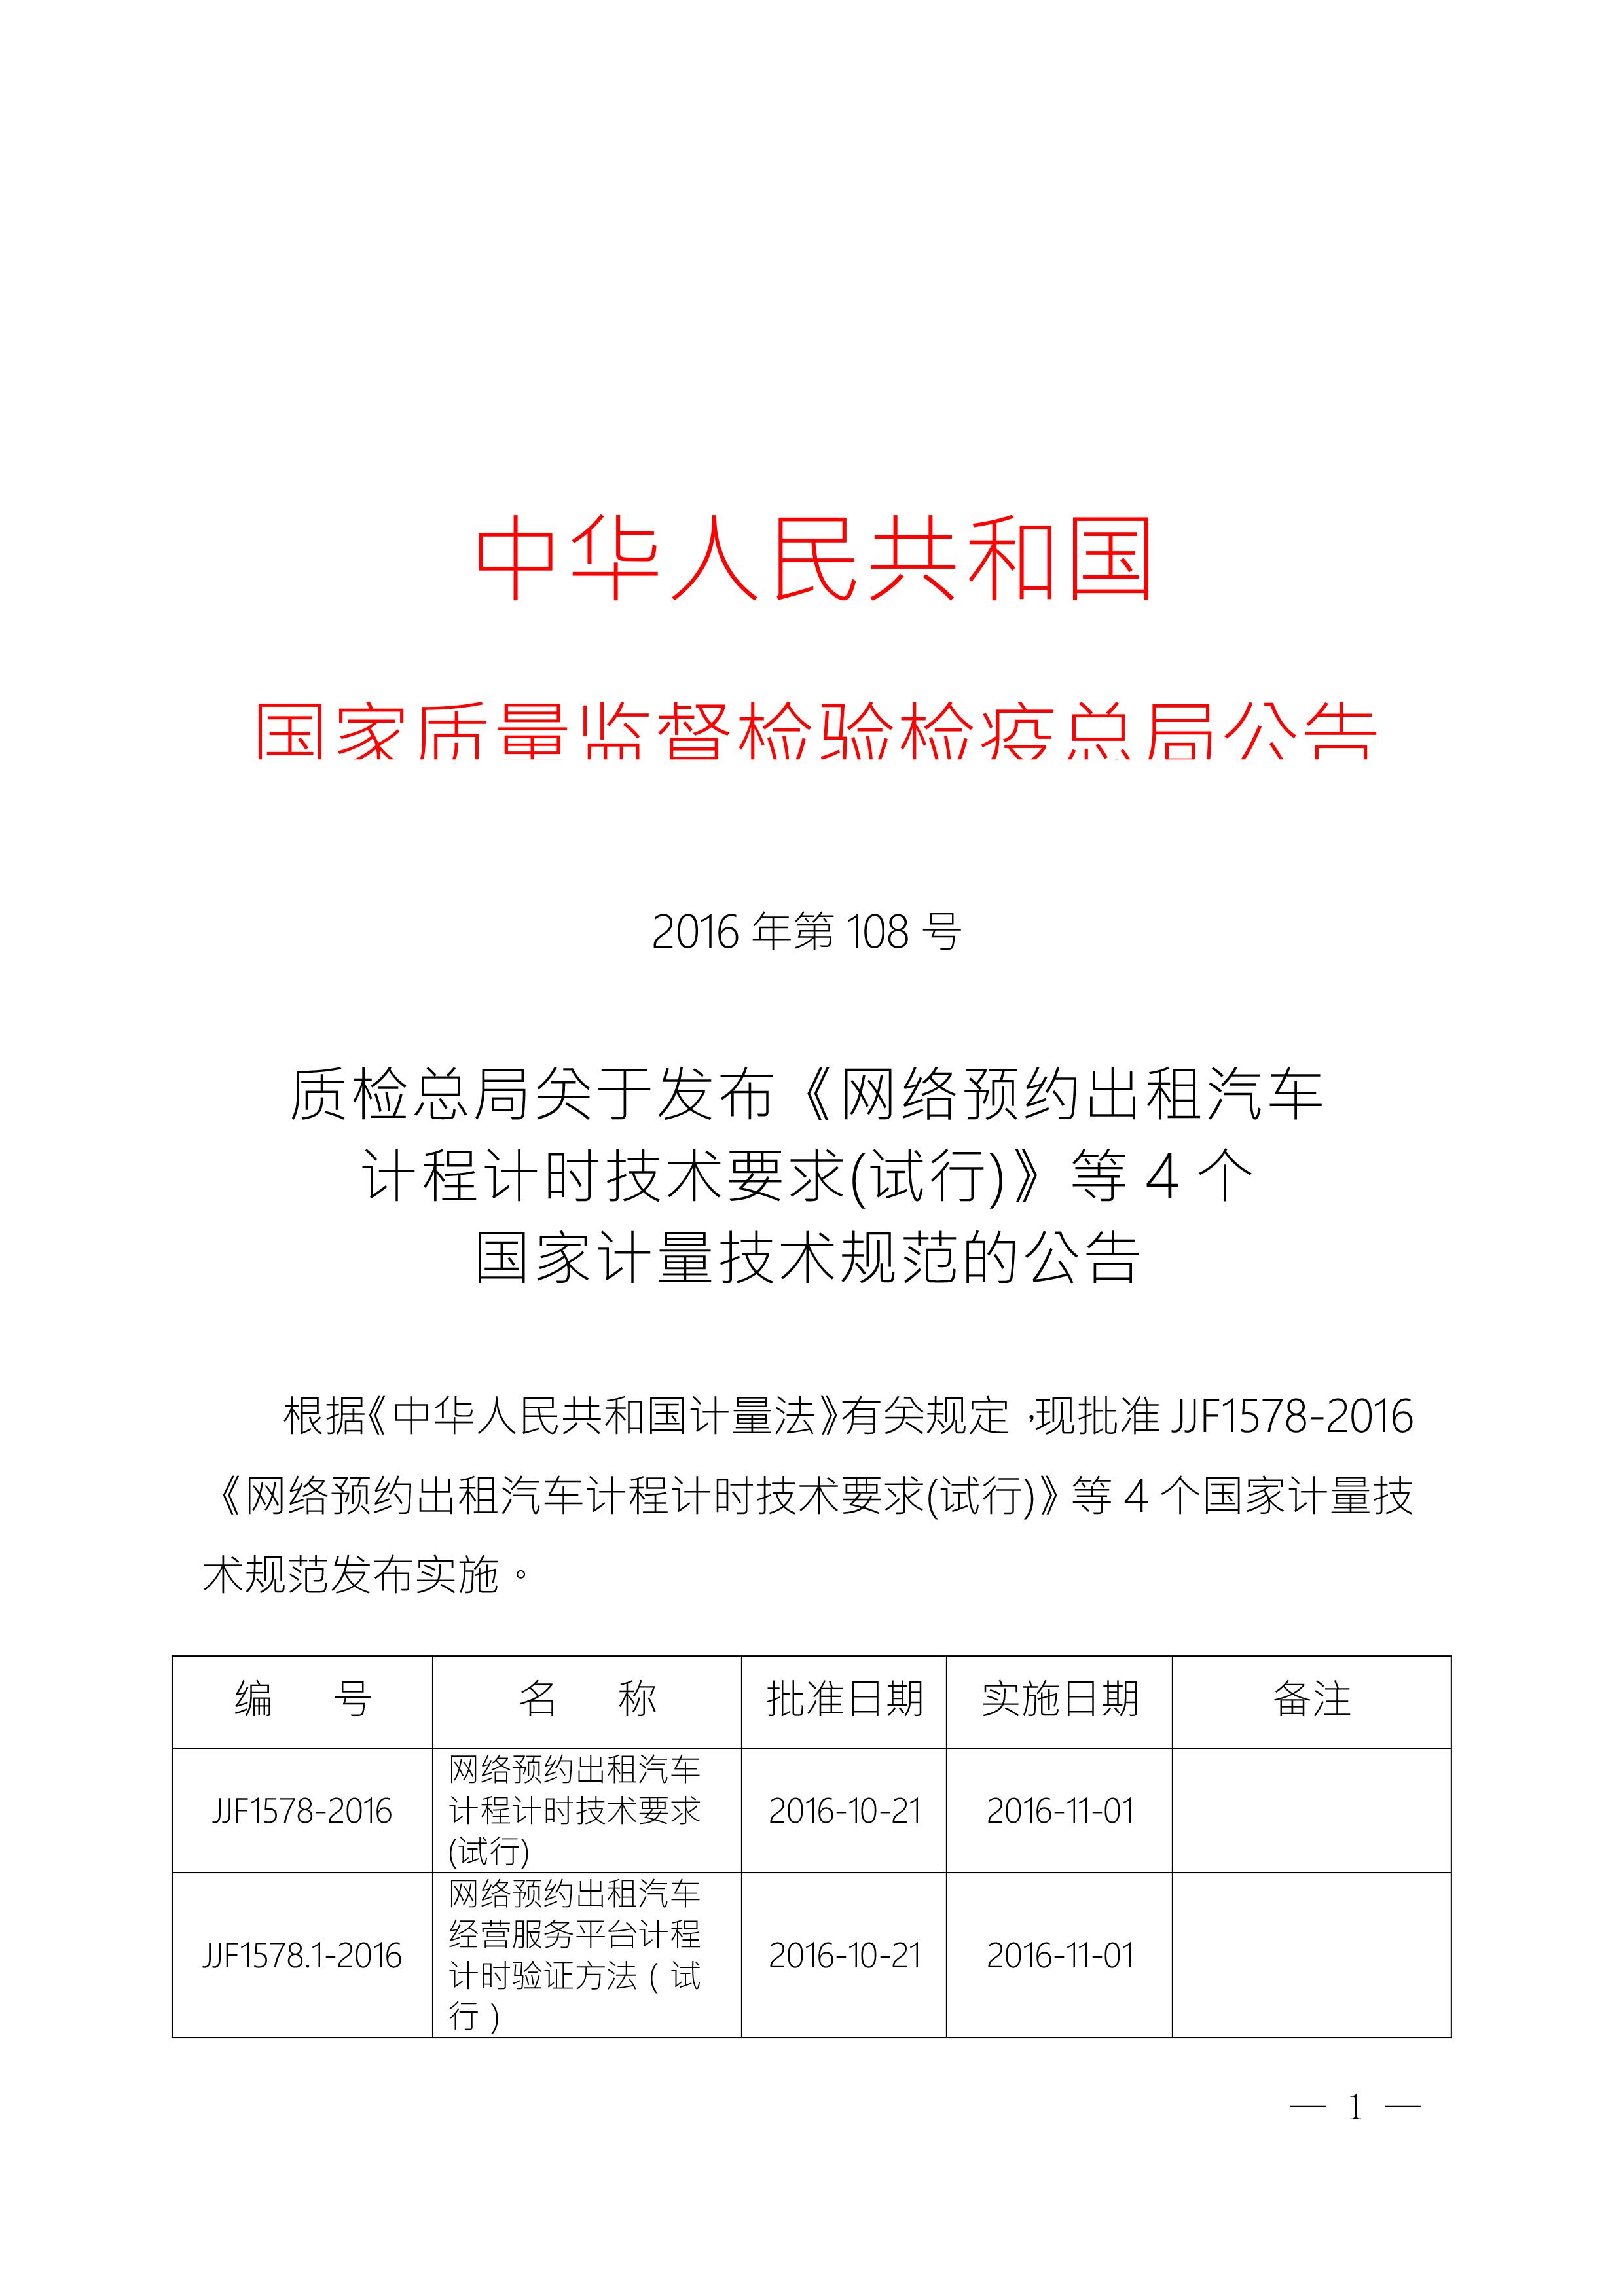 网络预约出租汽车计程计时技术要求(试行)